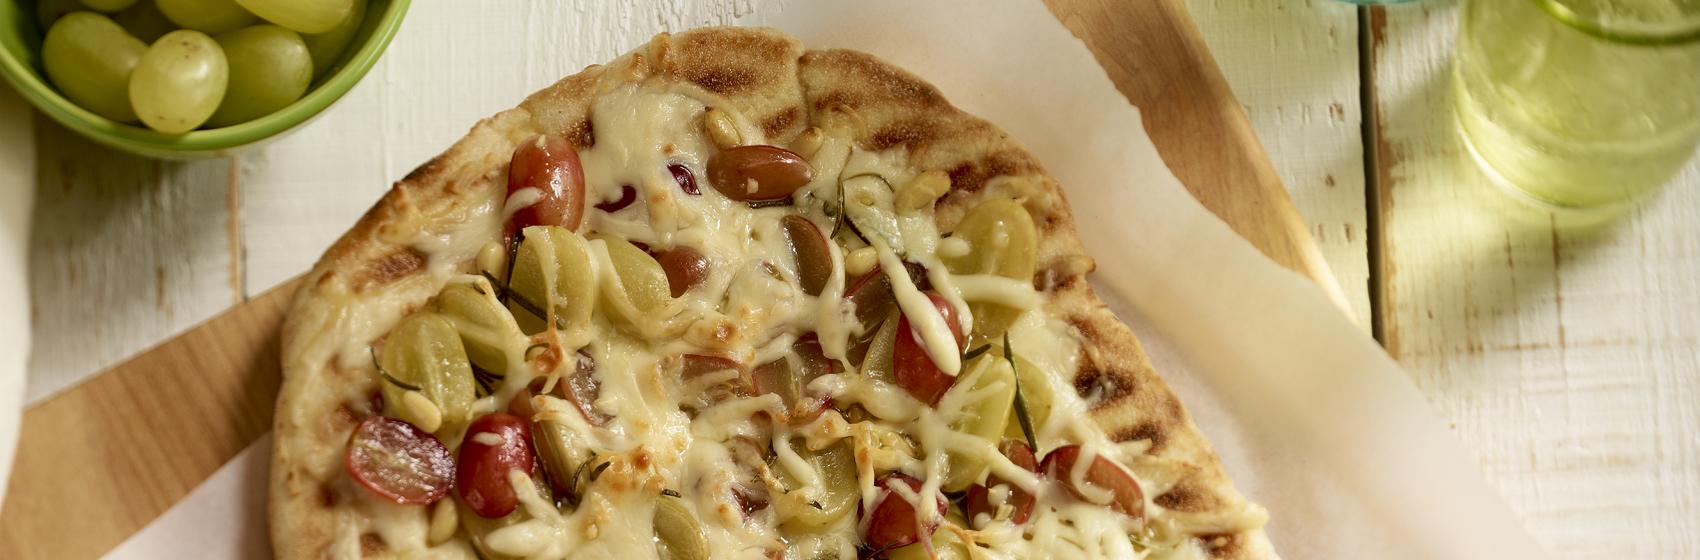 Pizza Grillée au Fromage Mozzarellissima aux Raisins et aux Noix de Pin